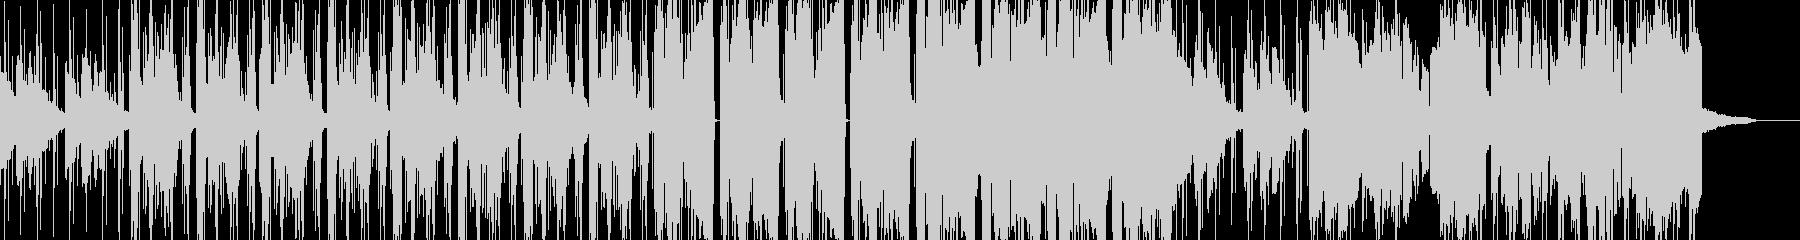 幻想的なヒップホップ風エレクトロニカの未再生の波形